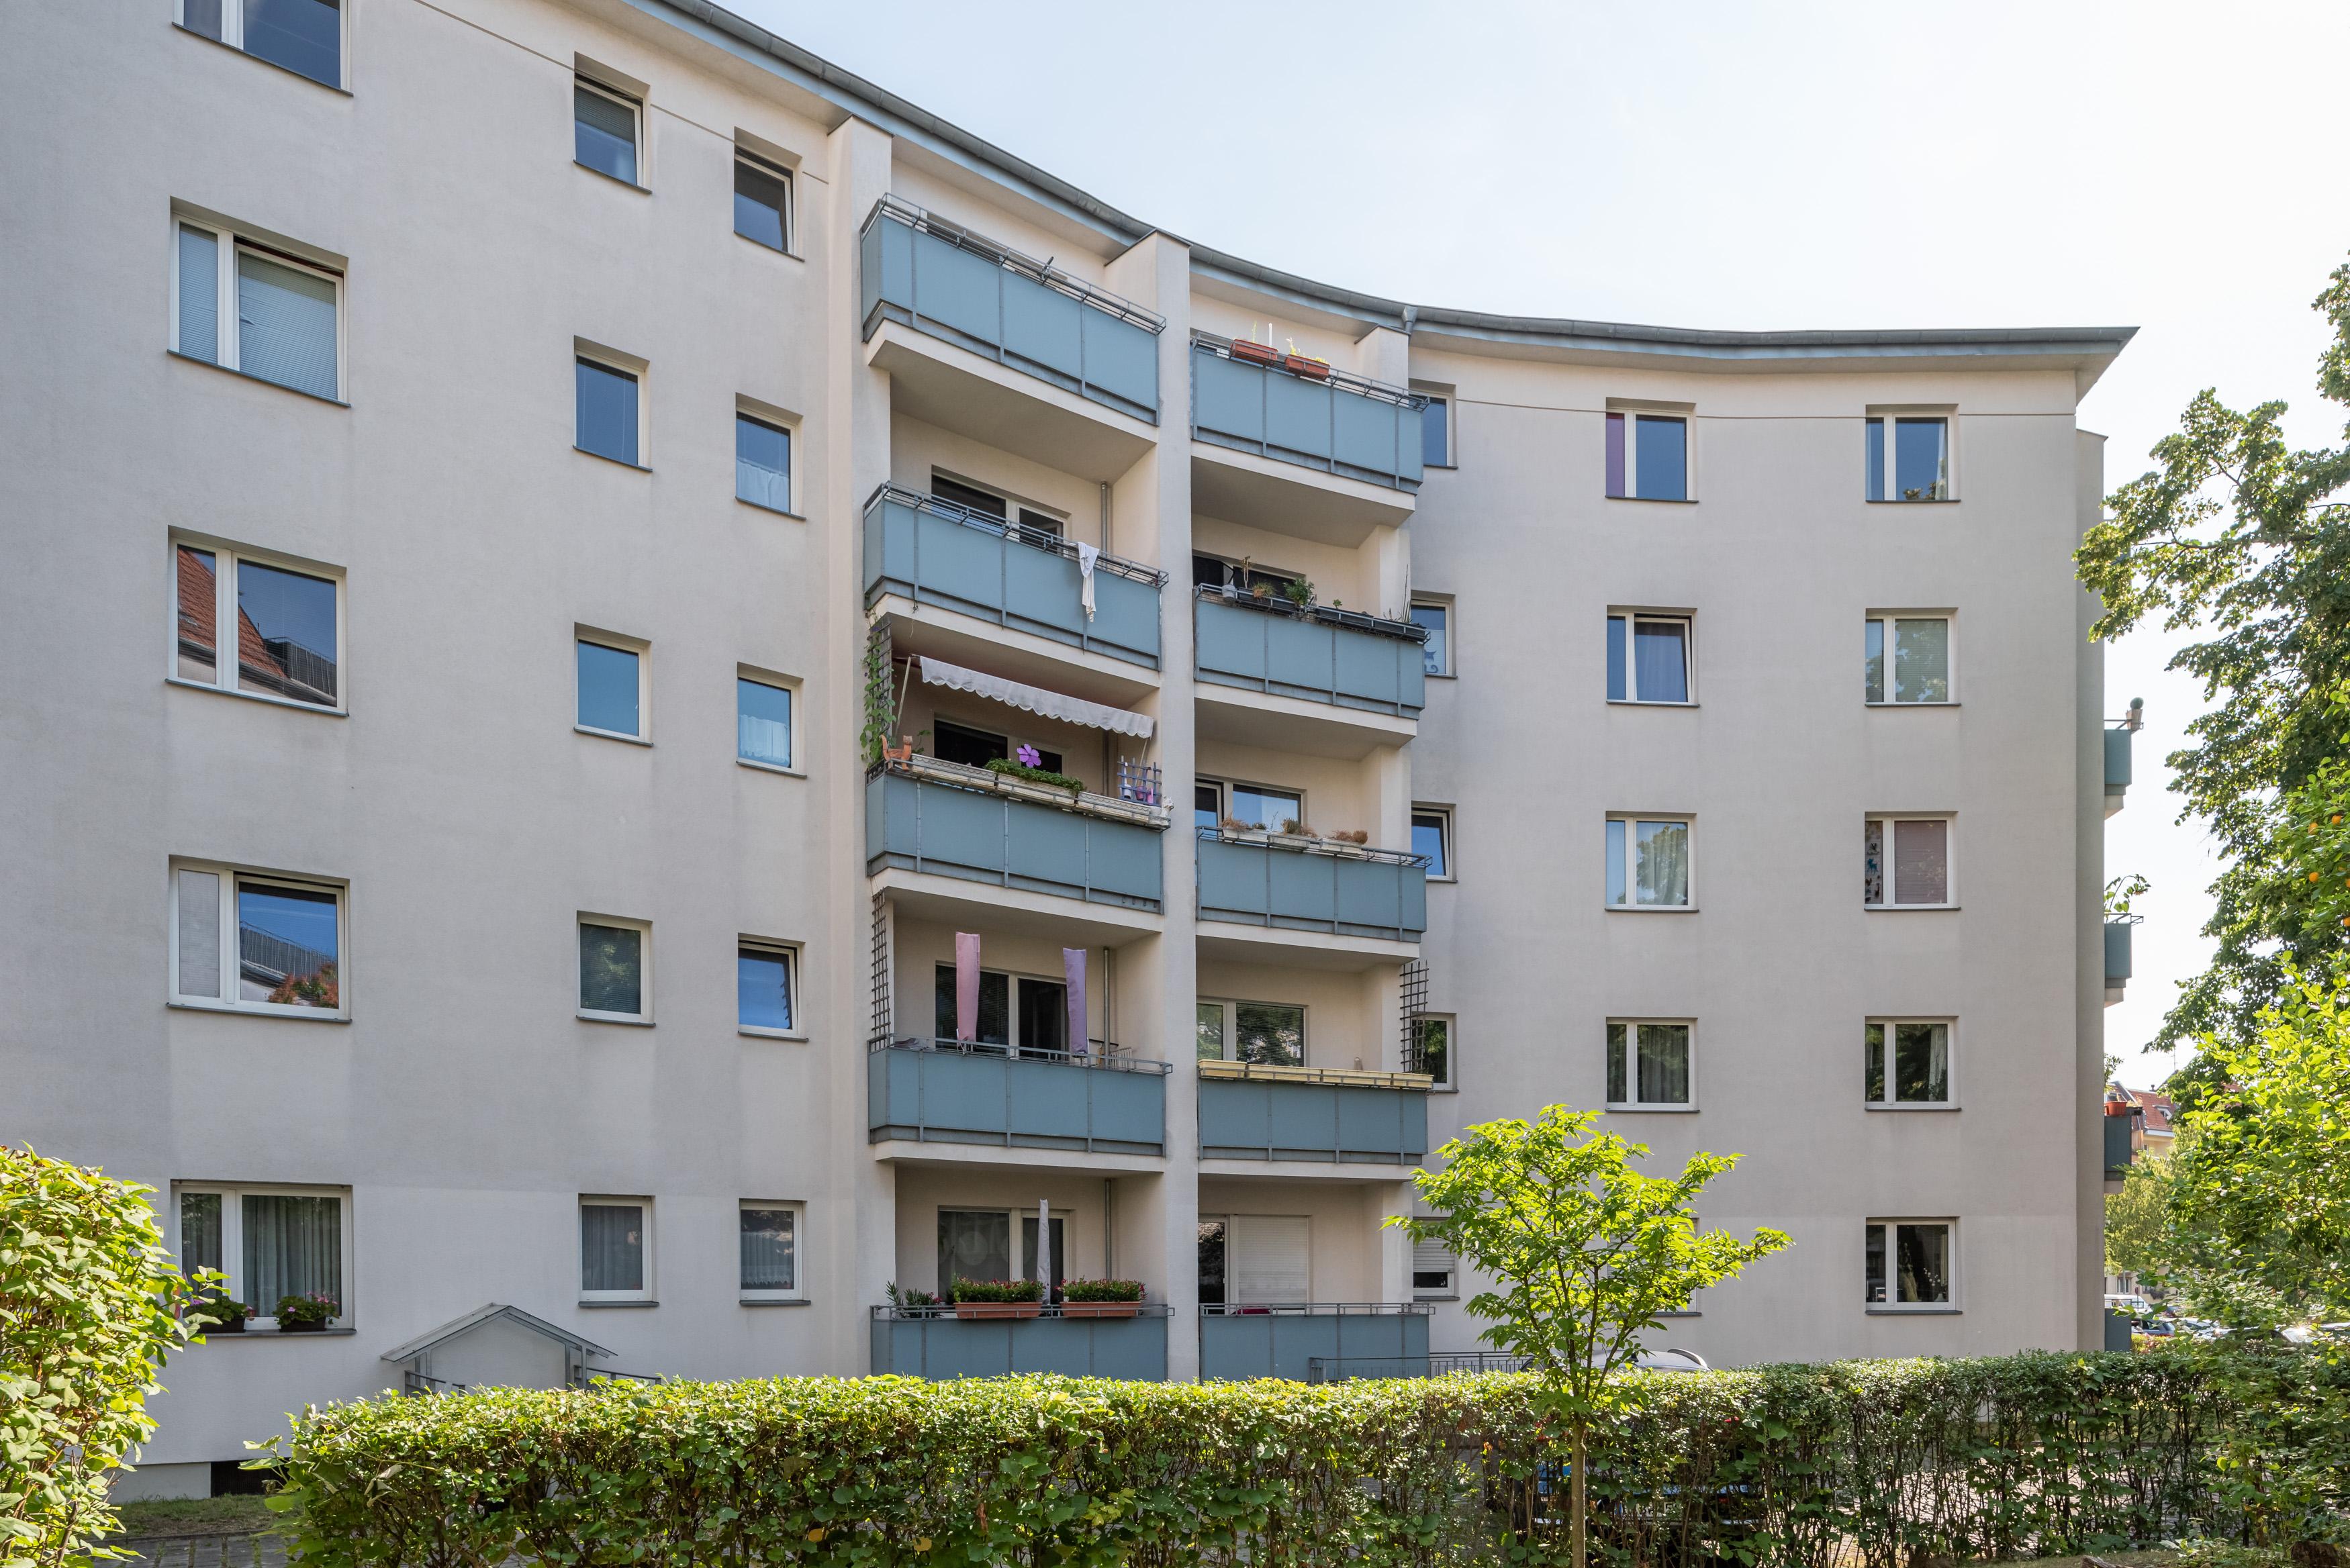 Eigentum in beliebter Wohnlage: 1-Zimmer-Apartment für Selbstnutzer in Steglitz